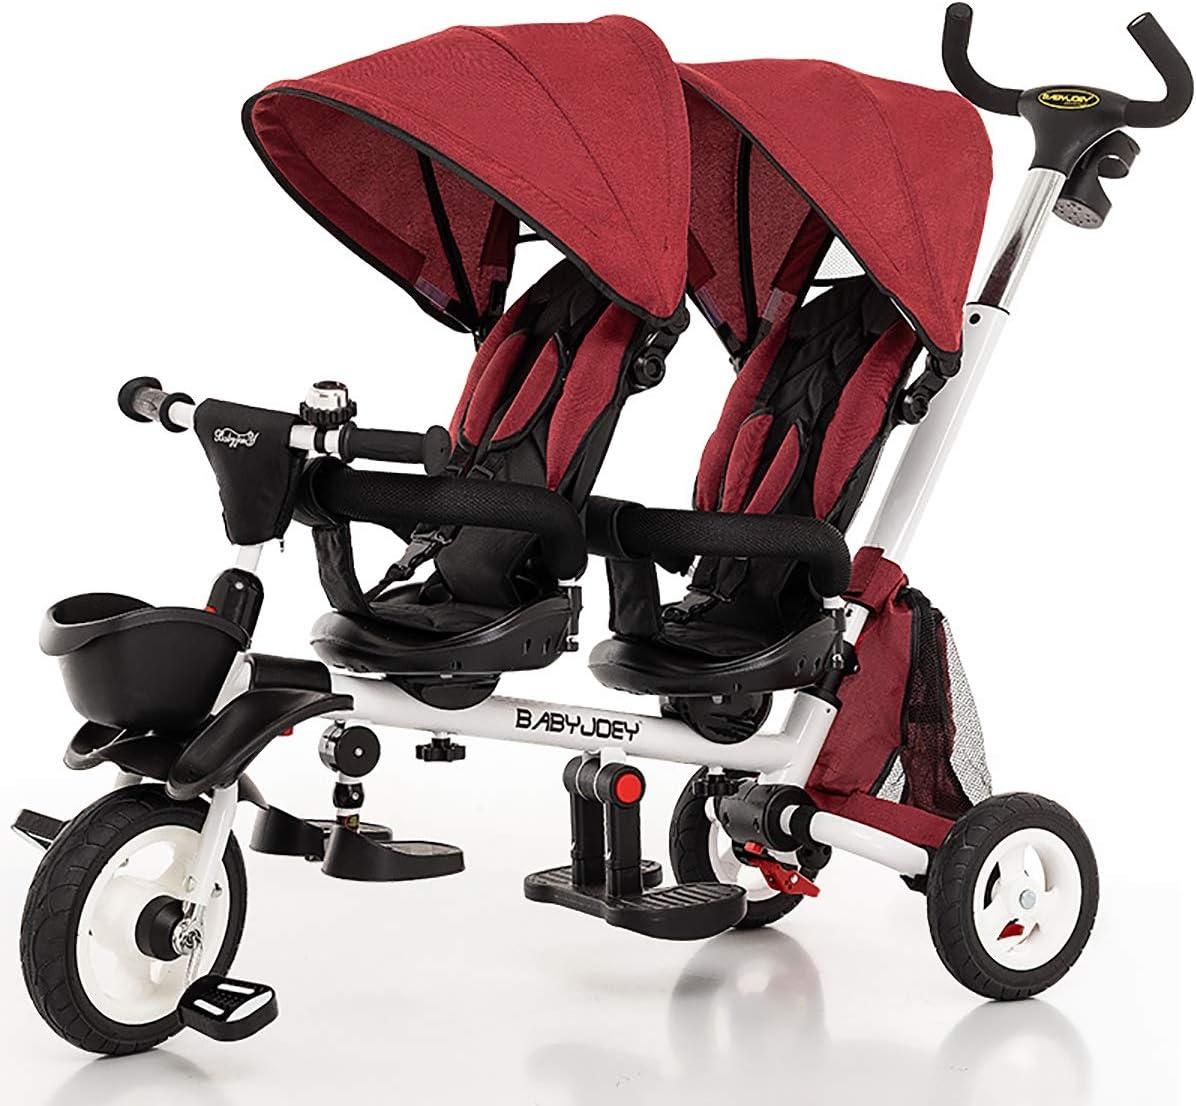 AI-QX Triciclo para Niños -Silla gemelar para Gemelos y Hermanos de 6 Meses hasta 25 kg, con Barrera de Seguridad